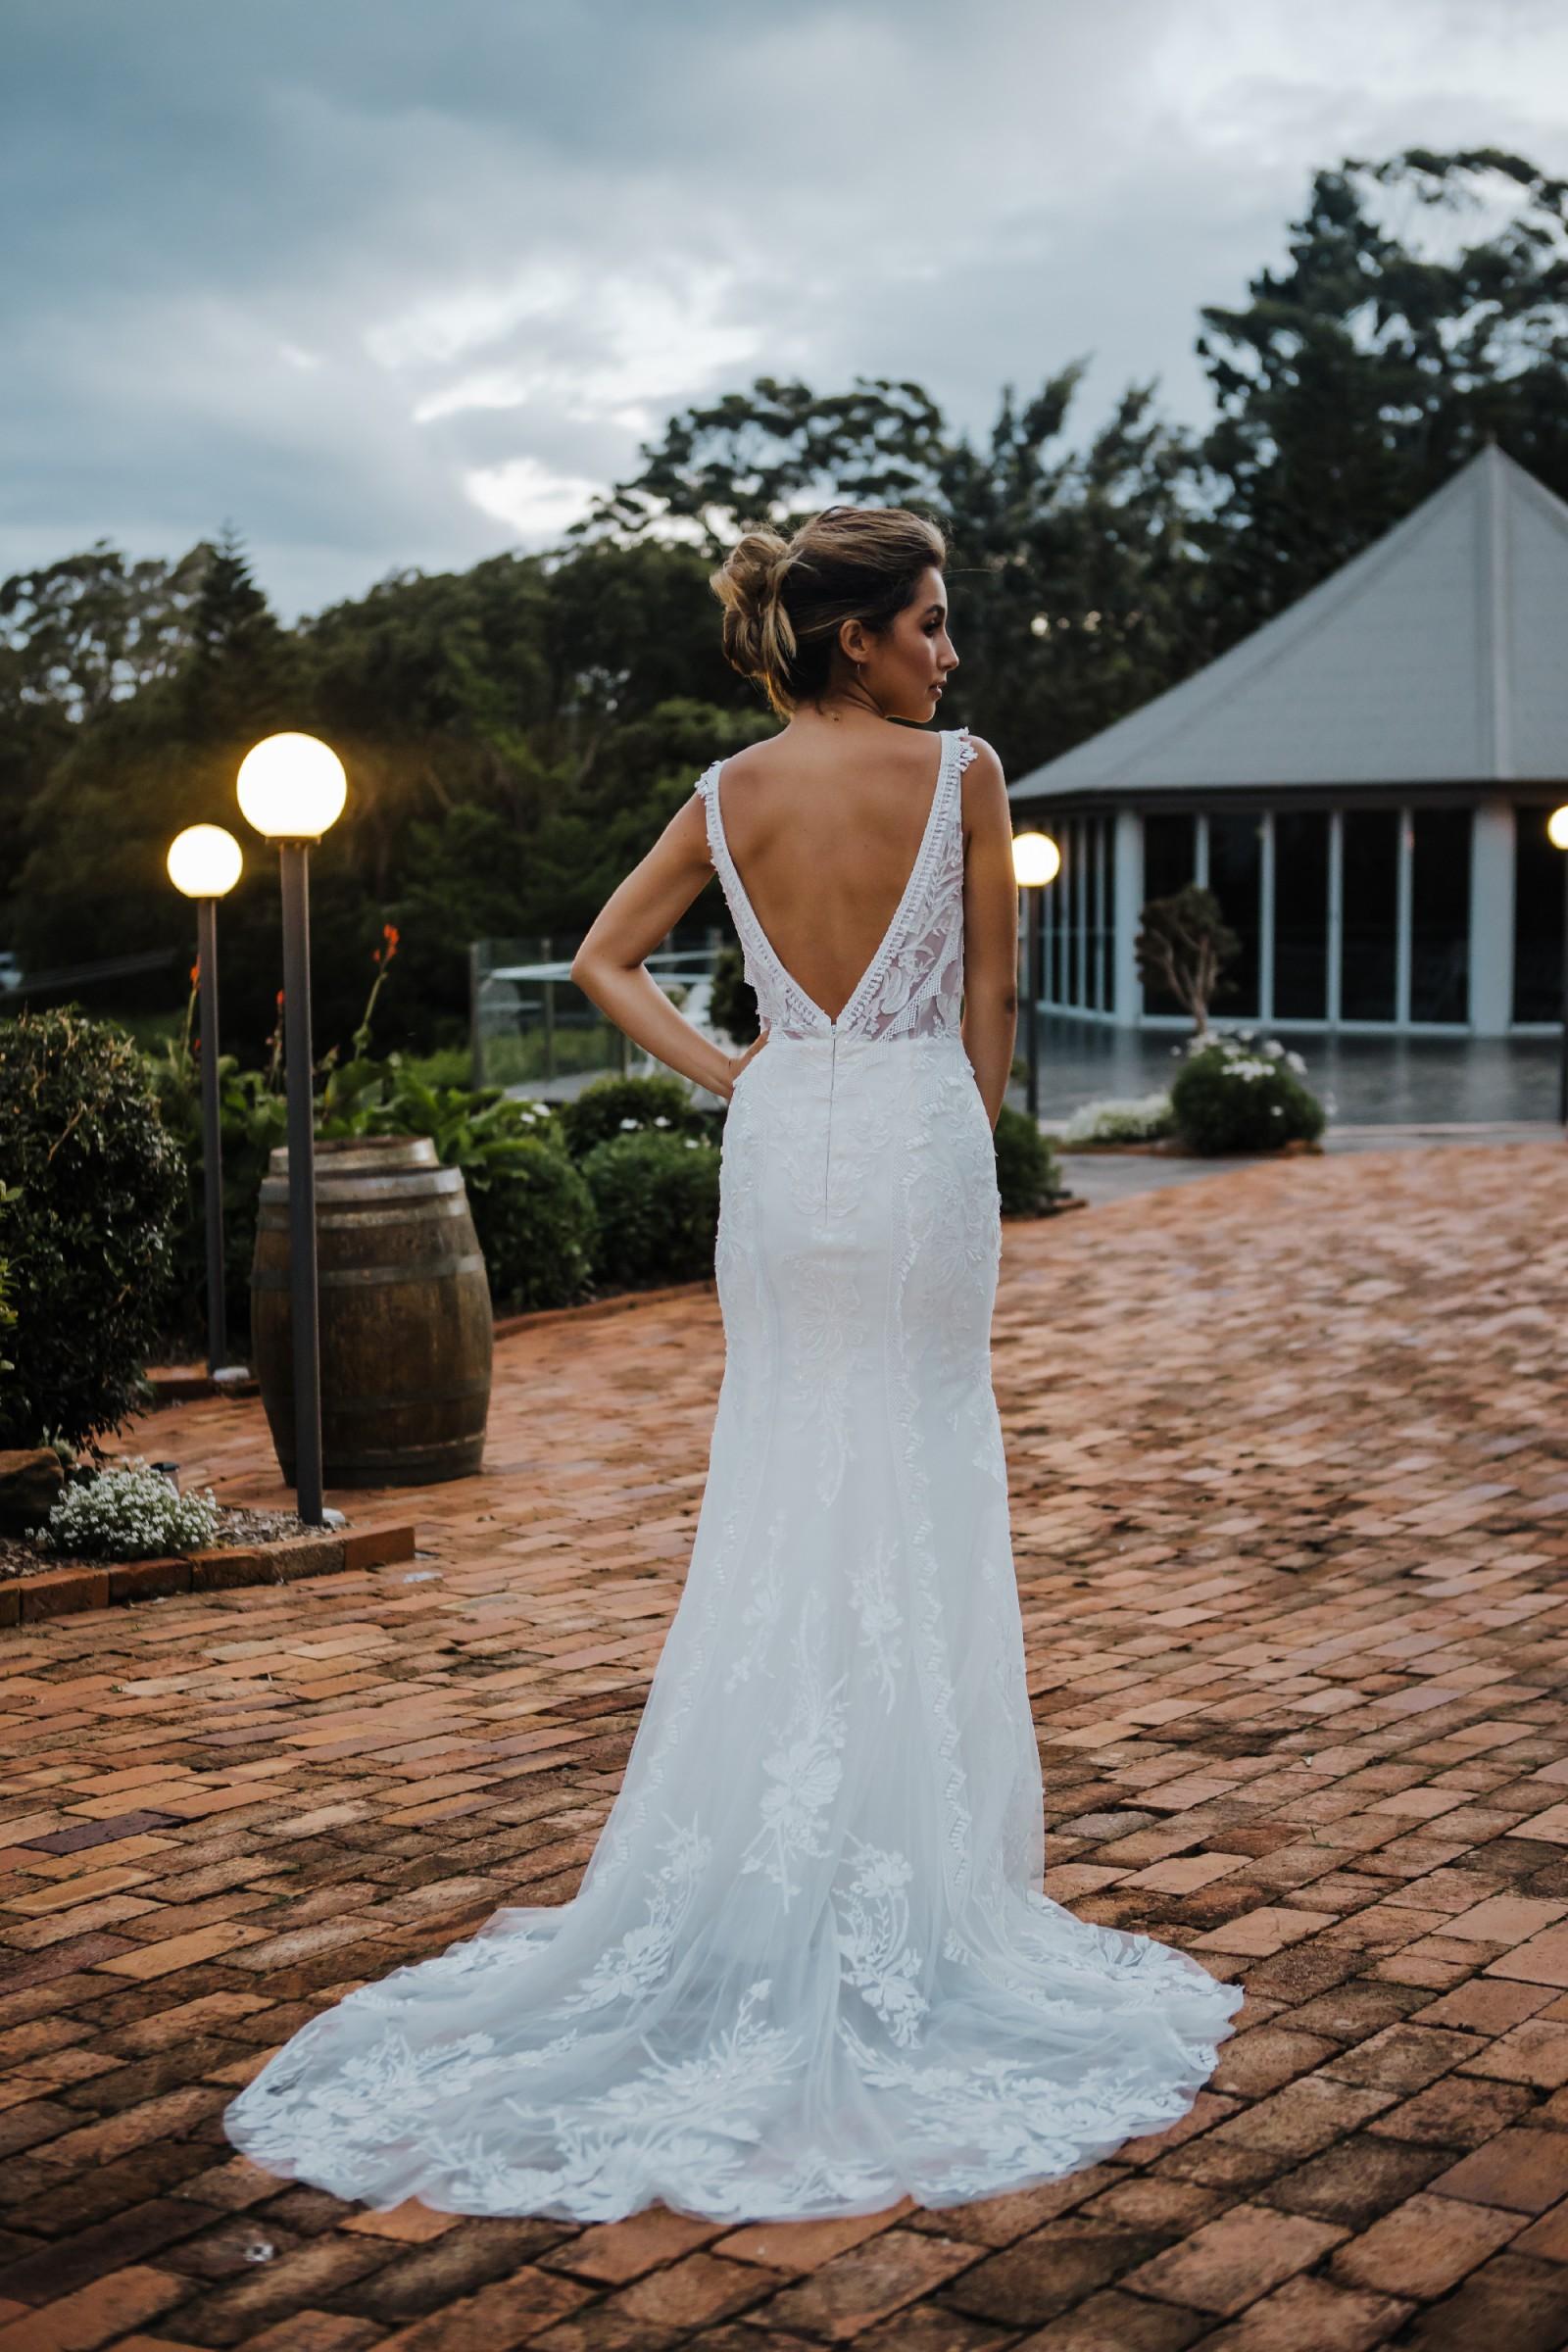 Kate Gubanyi Tallahassee New Wedding Dress Save 20   Stillwhite